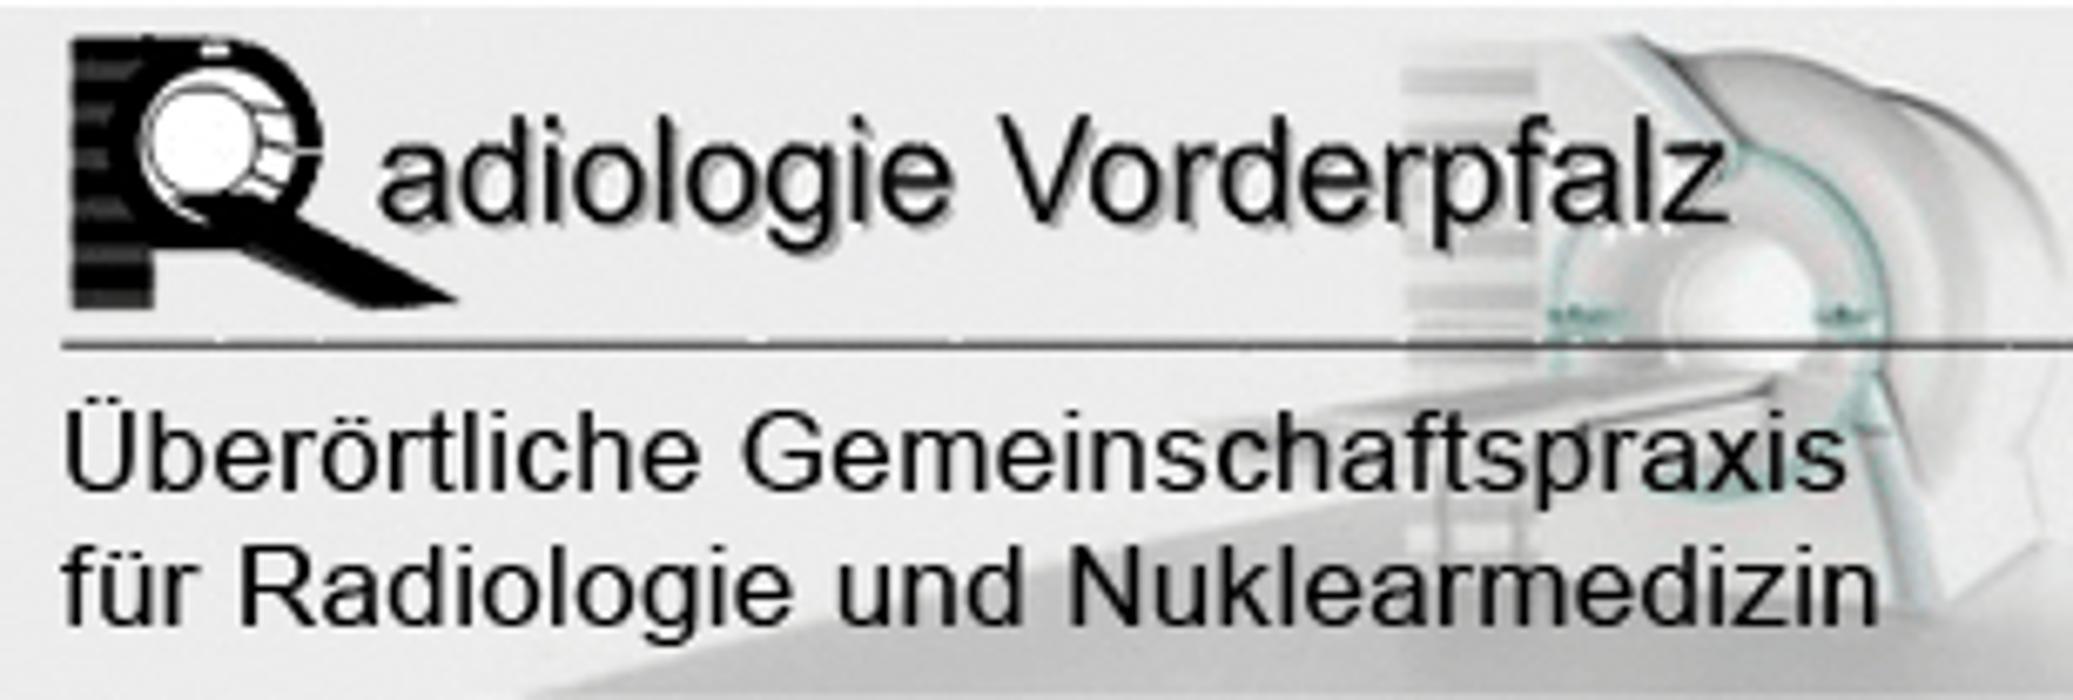 Bild zu Radiologie Vorderpfalz Bad Dürkheim in Bad Dürkheim